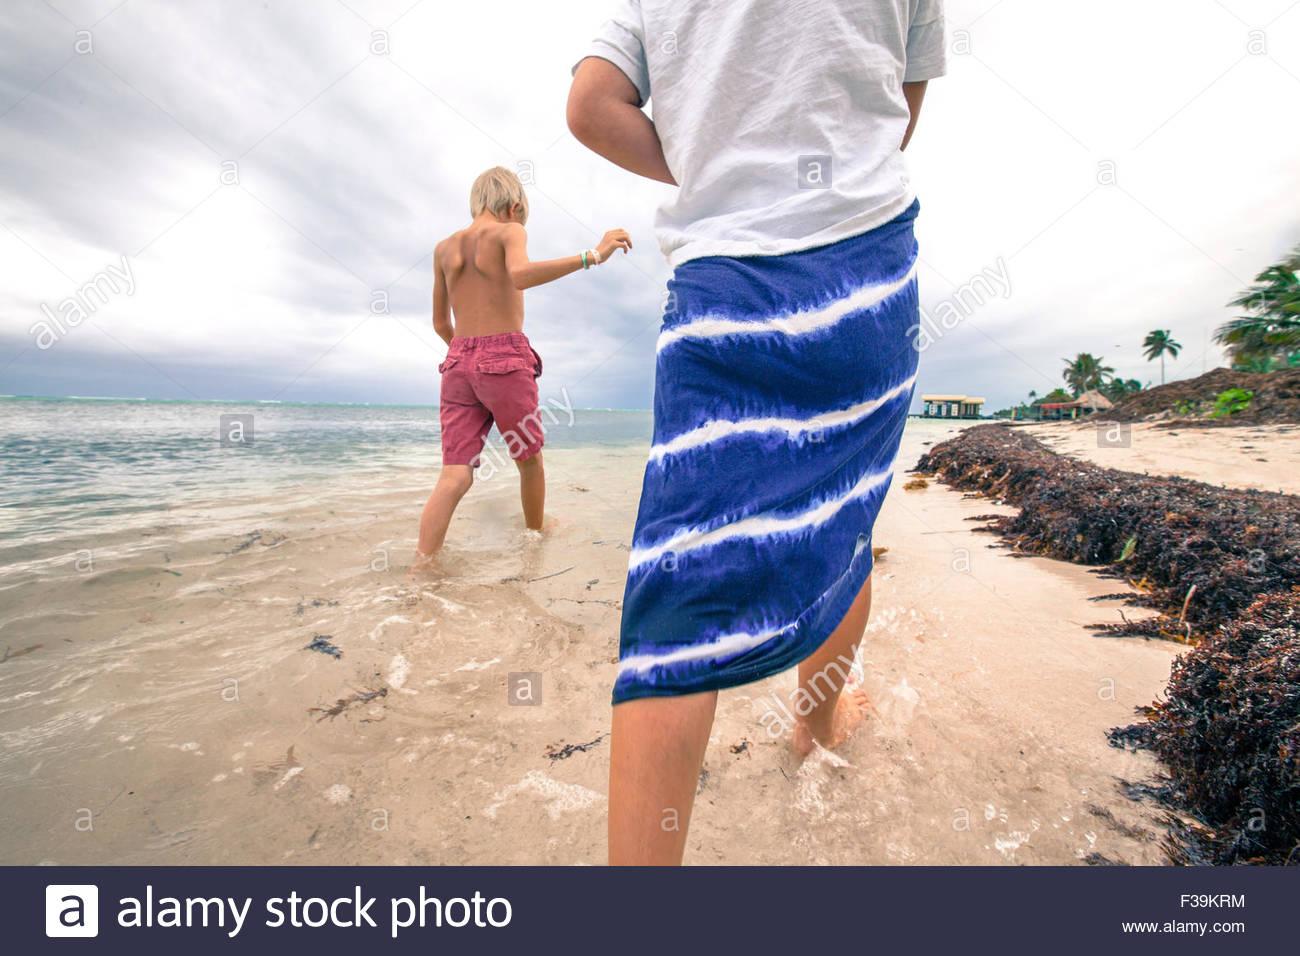 Dos niños caminando en aguas poco profundas en la playa, Belice Imagen De Stock